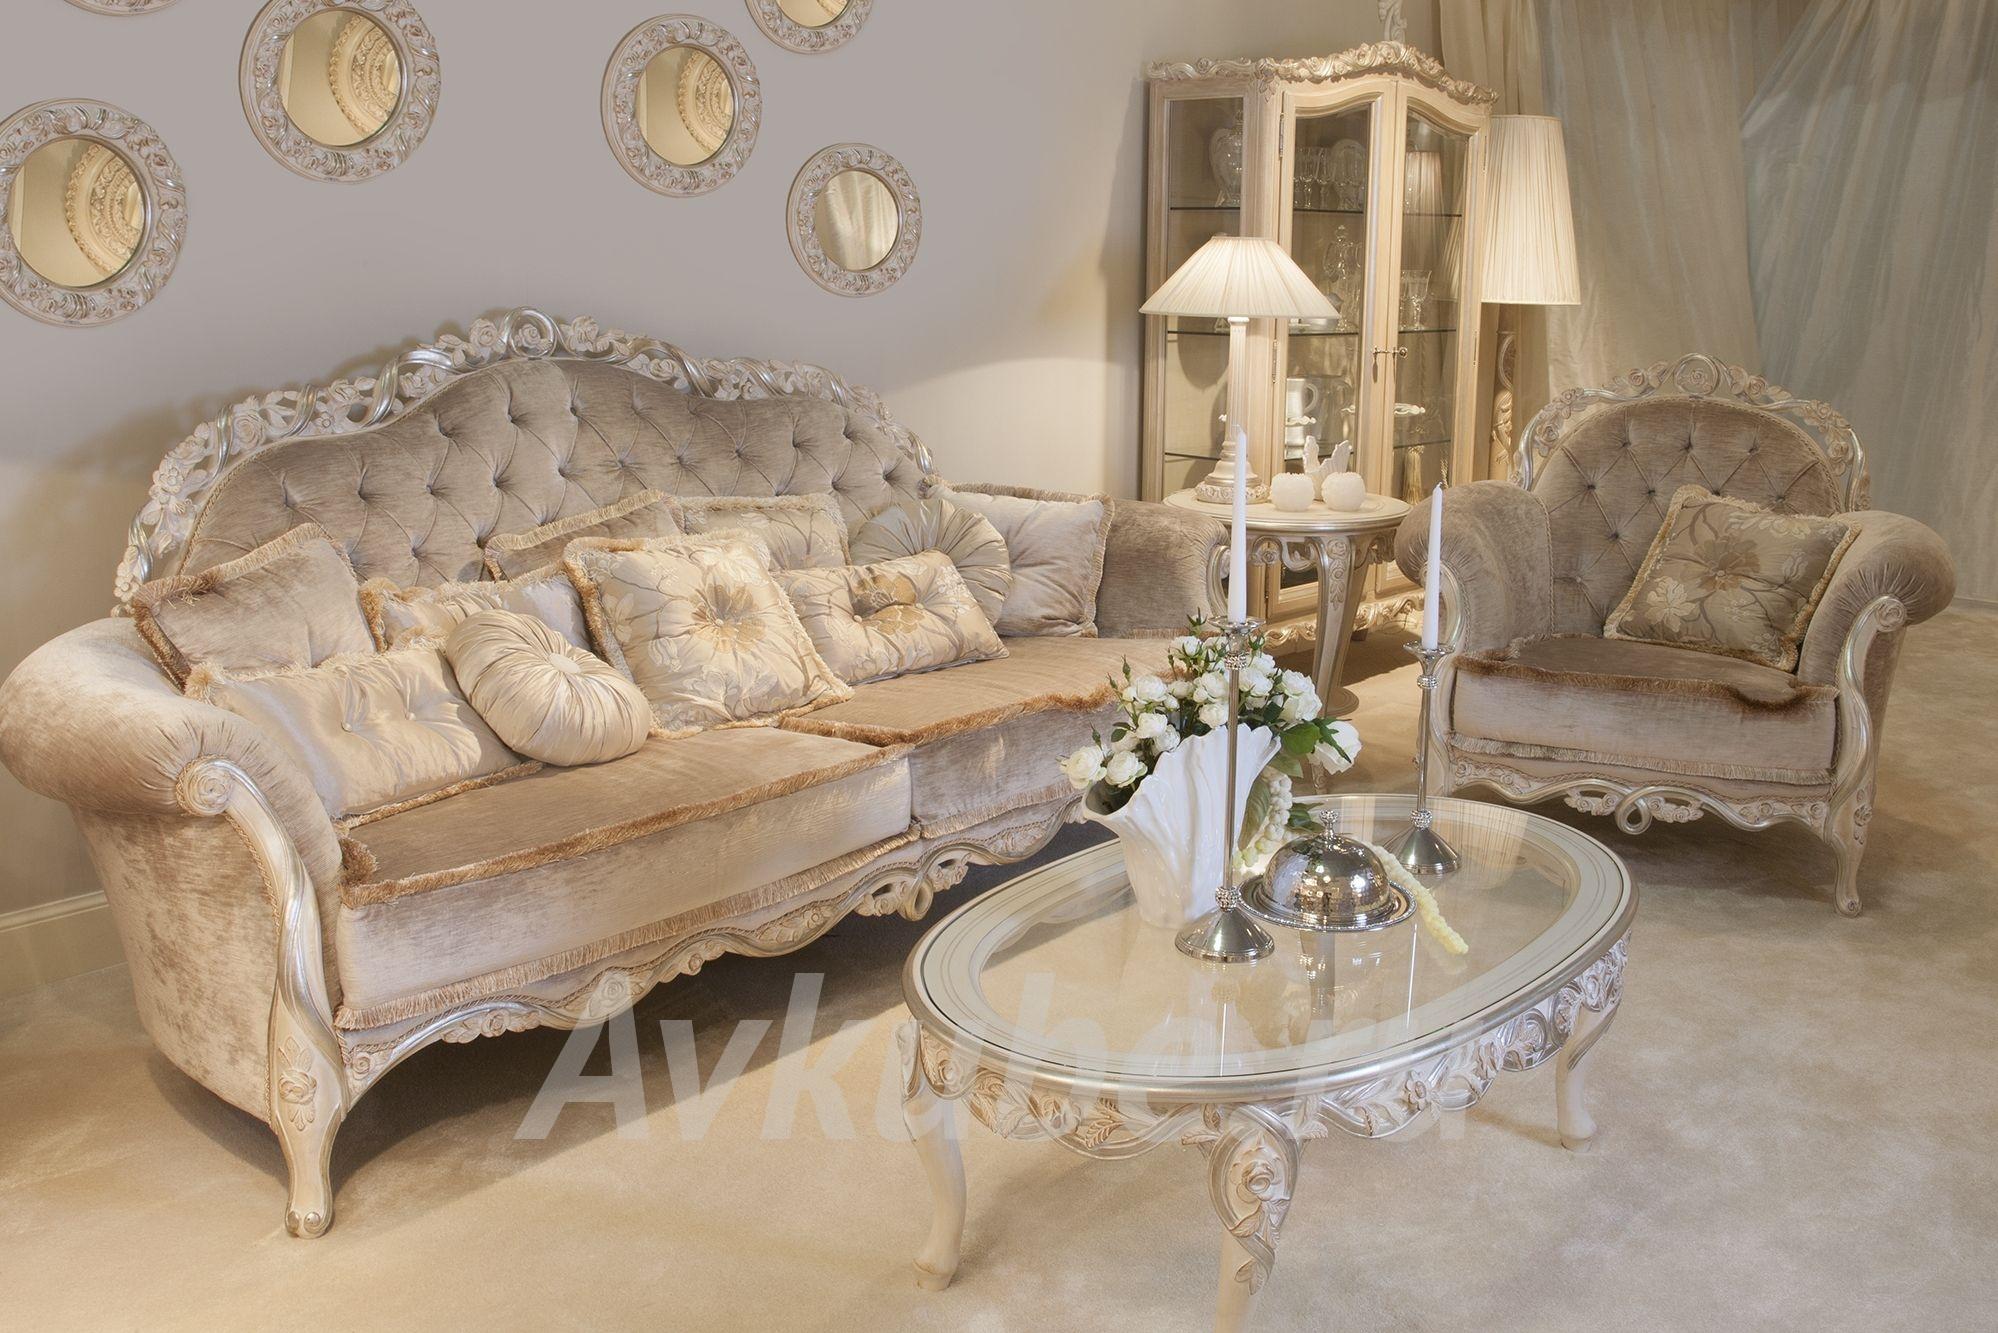 Итальянская мебель Savio Firmino